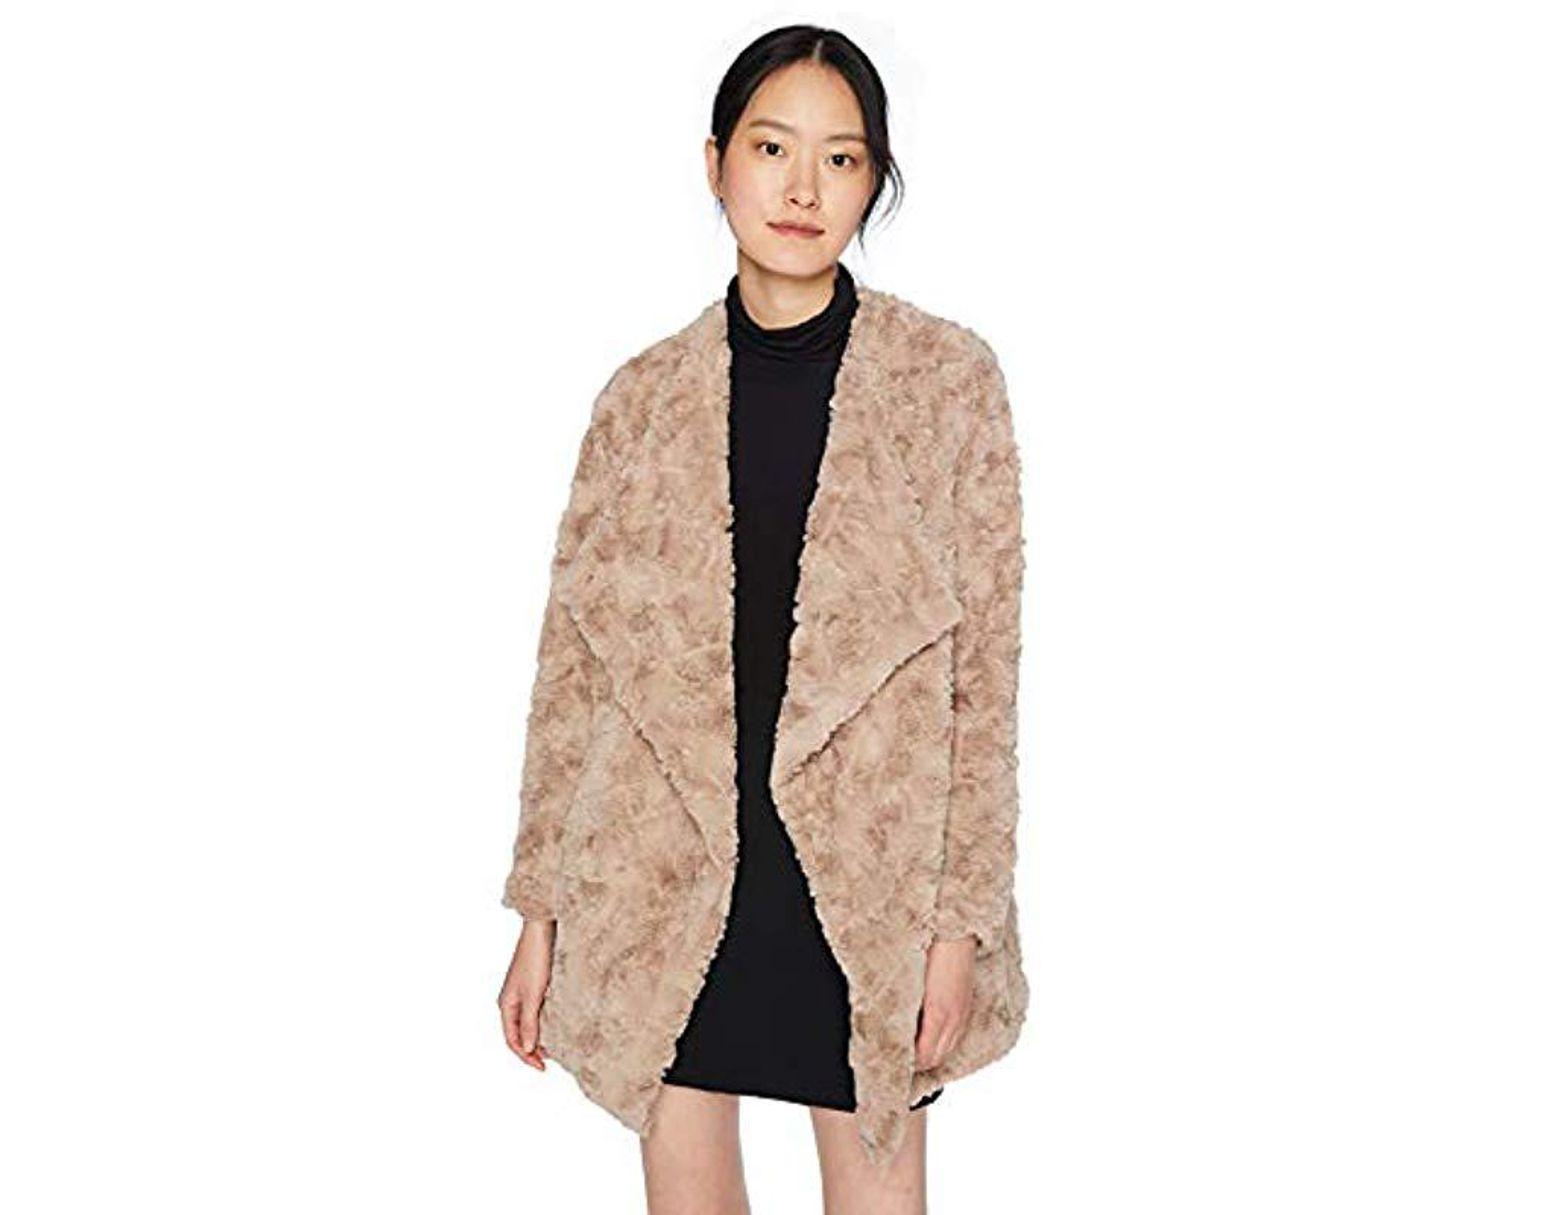 cef46c998356 BB Dakota Tucker Faux Fur Jacket - Save 39% - Lyst